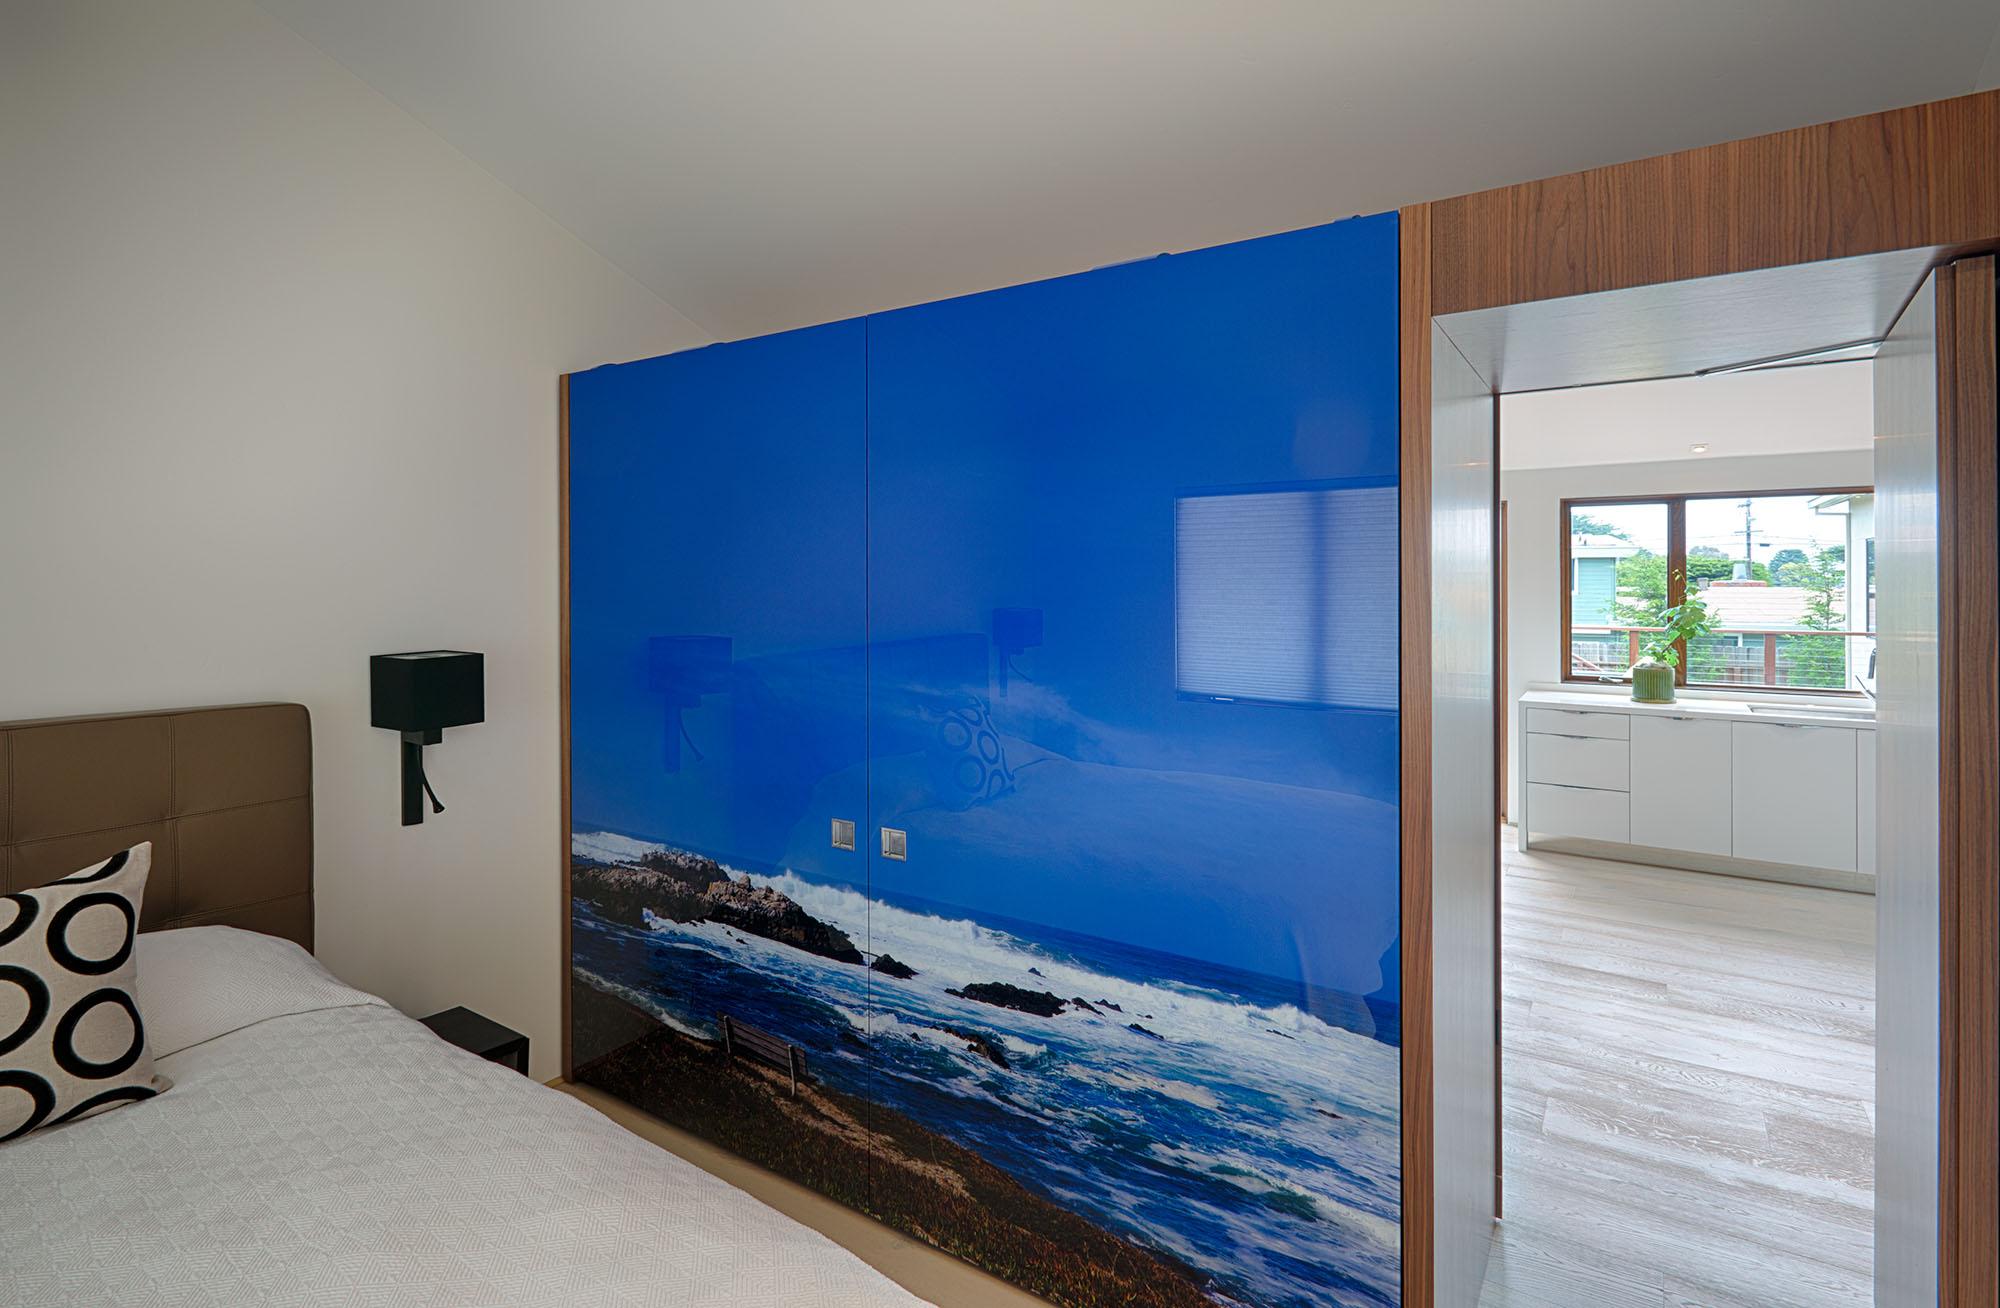 9-Ord-Studio becker Mural-co-planar doors-bedroom.jpg